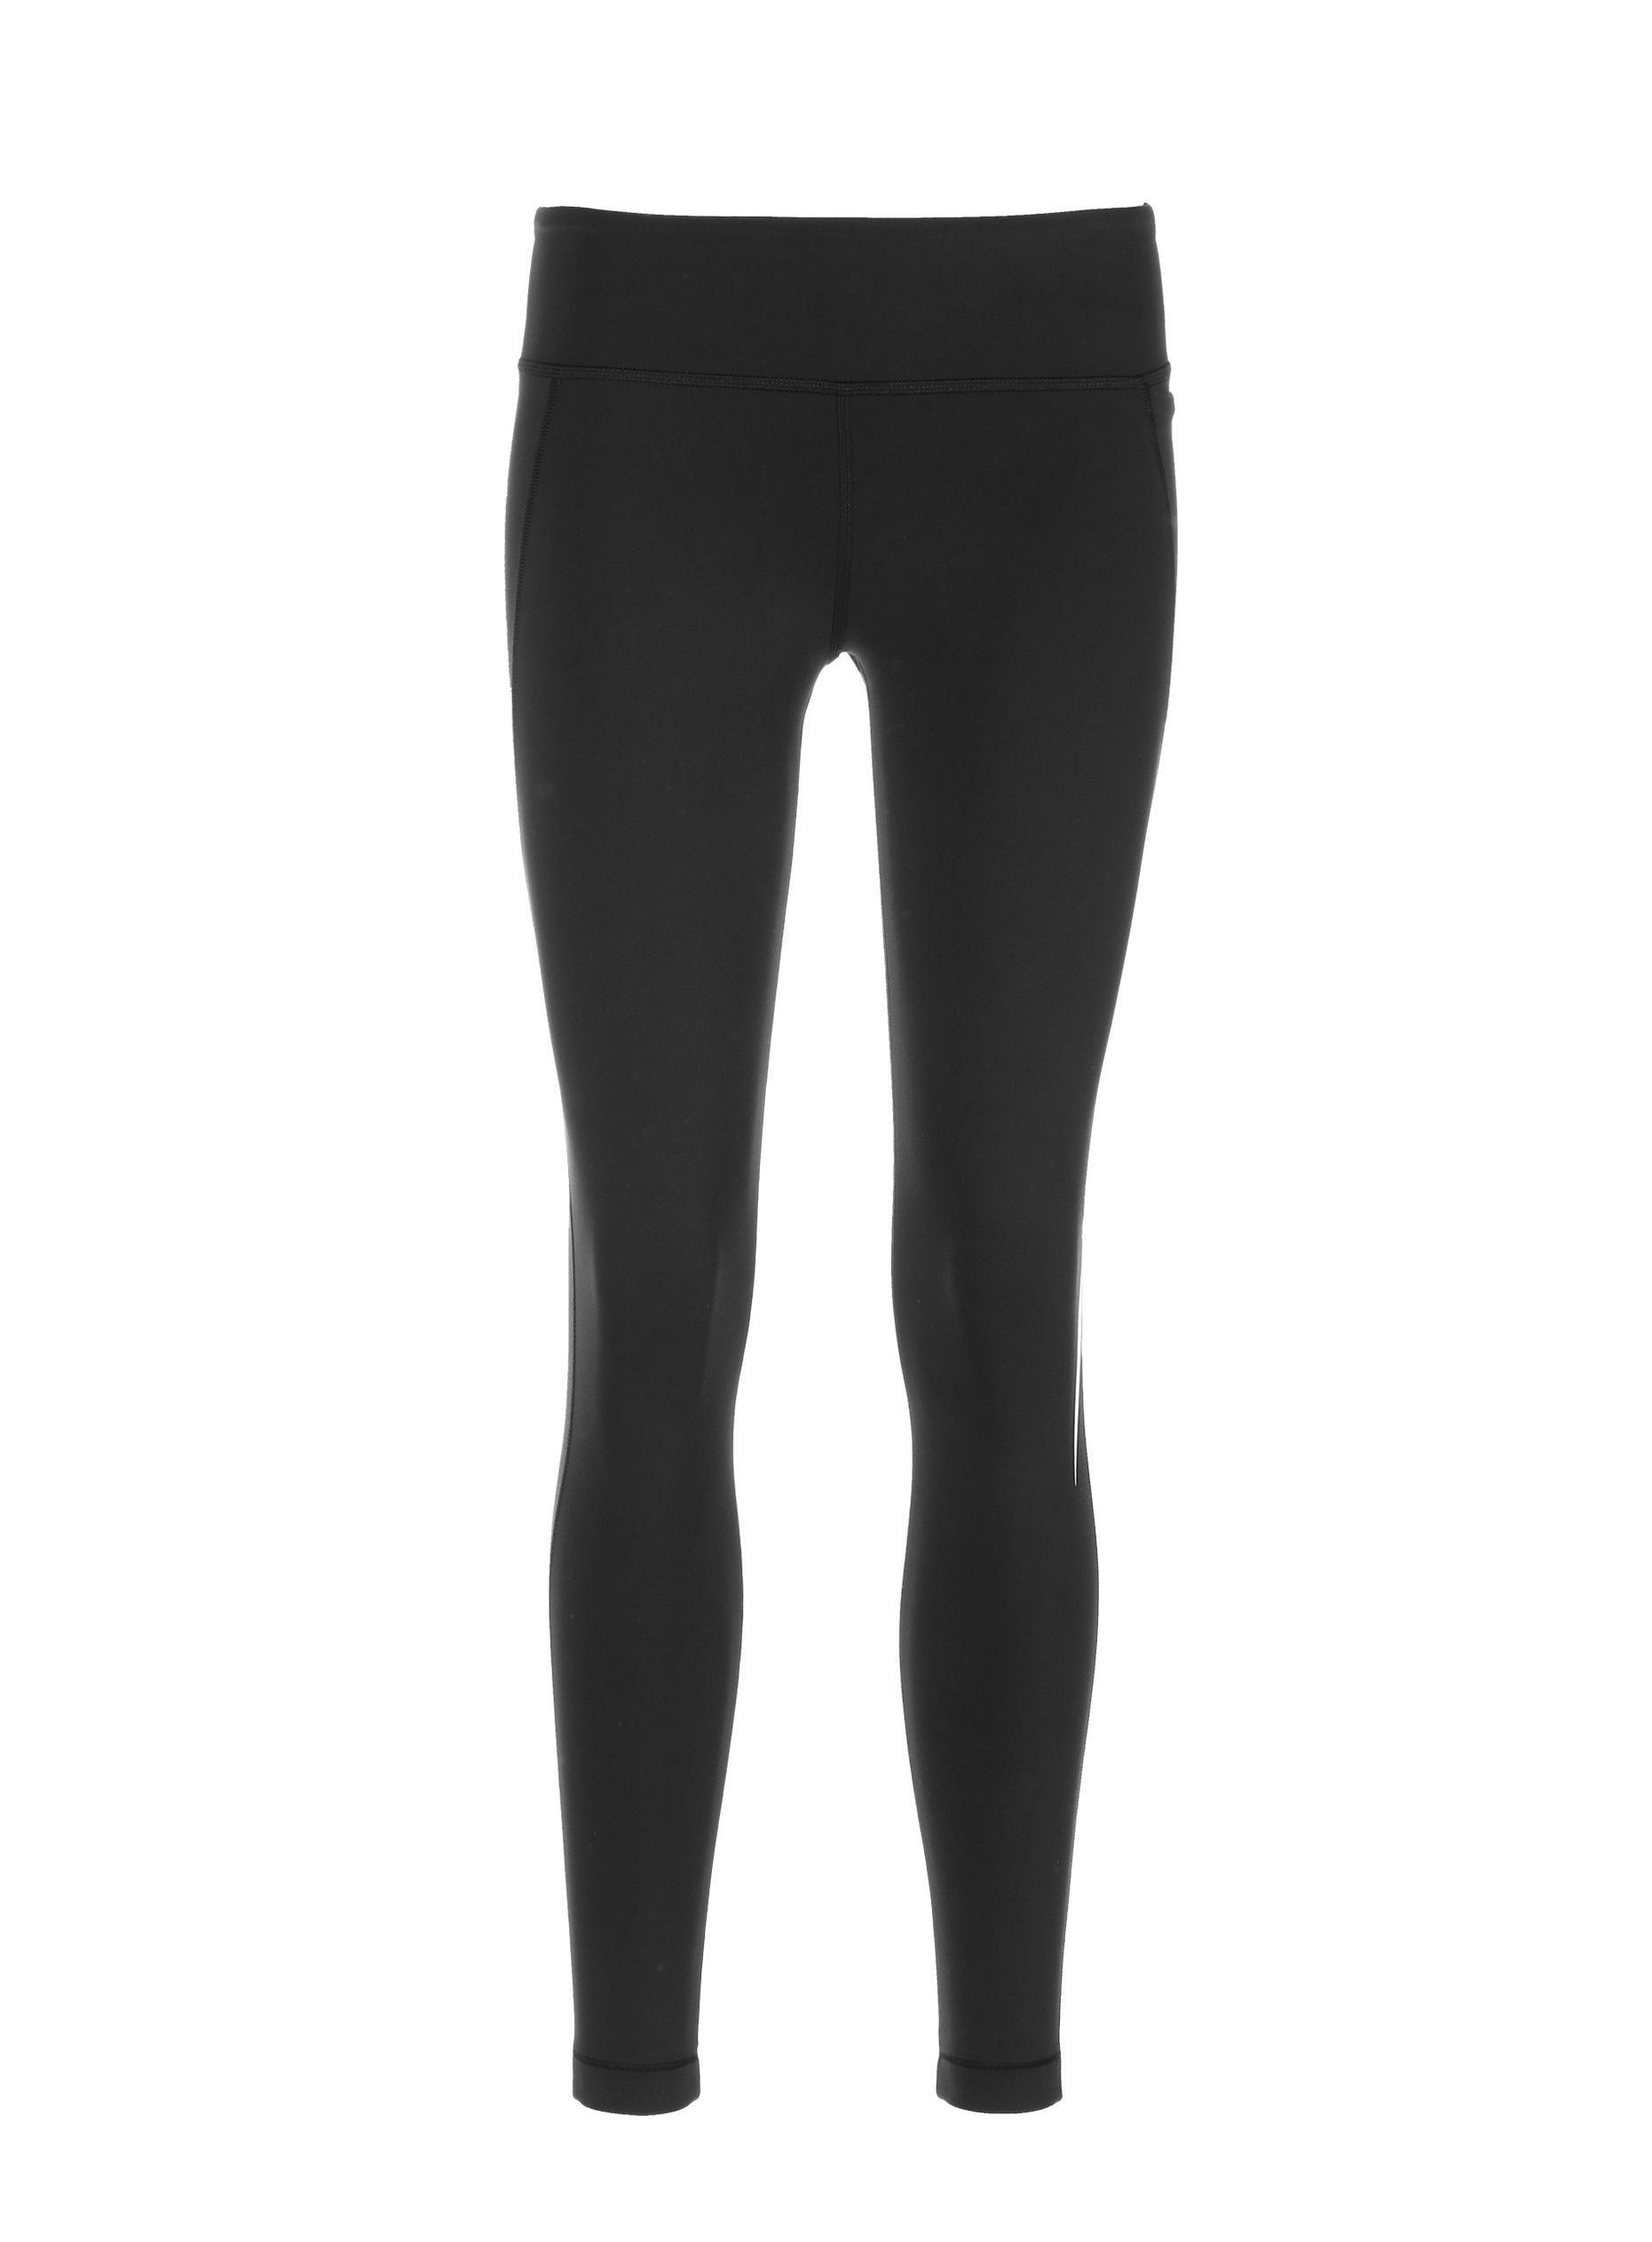 Femme LUX 2.0  - Collants